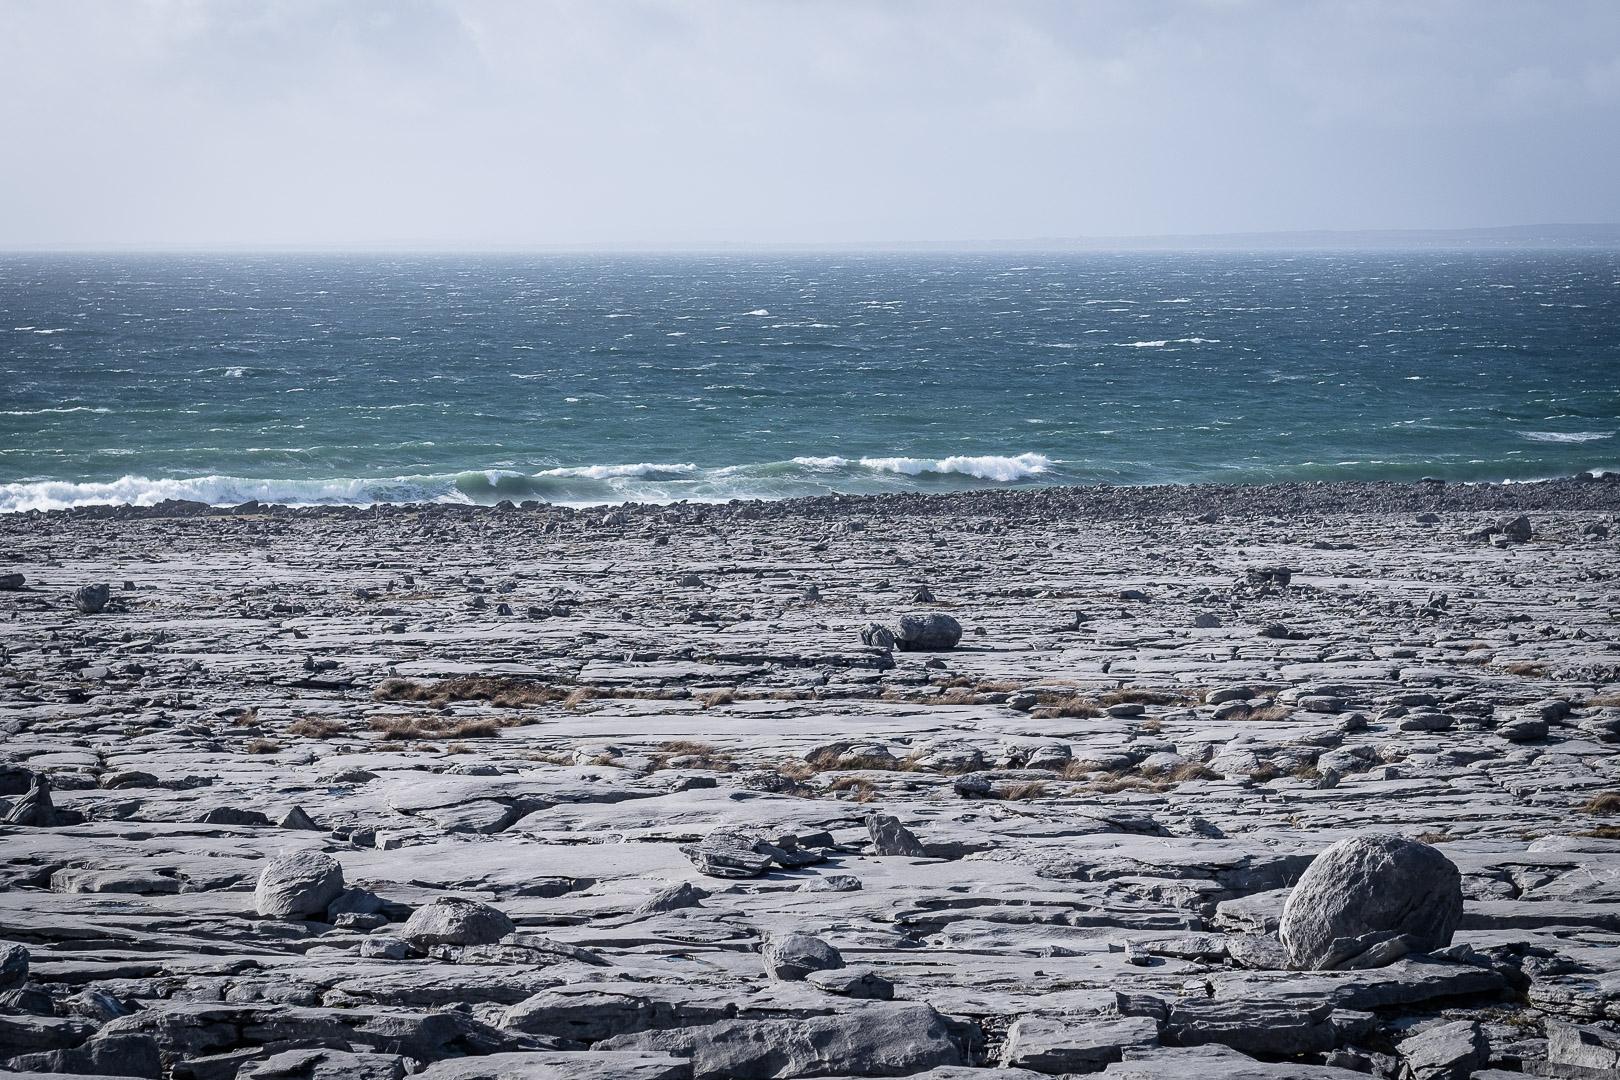 160407-Ireland-Galway_Moher-390-1080.jpg